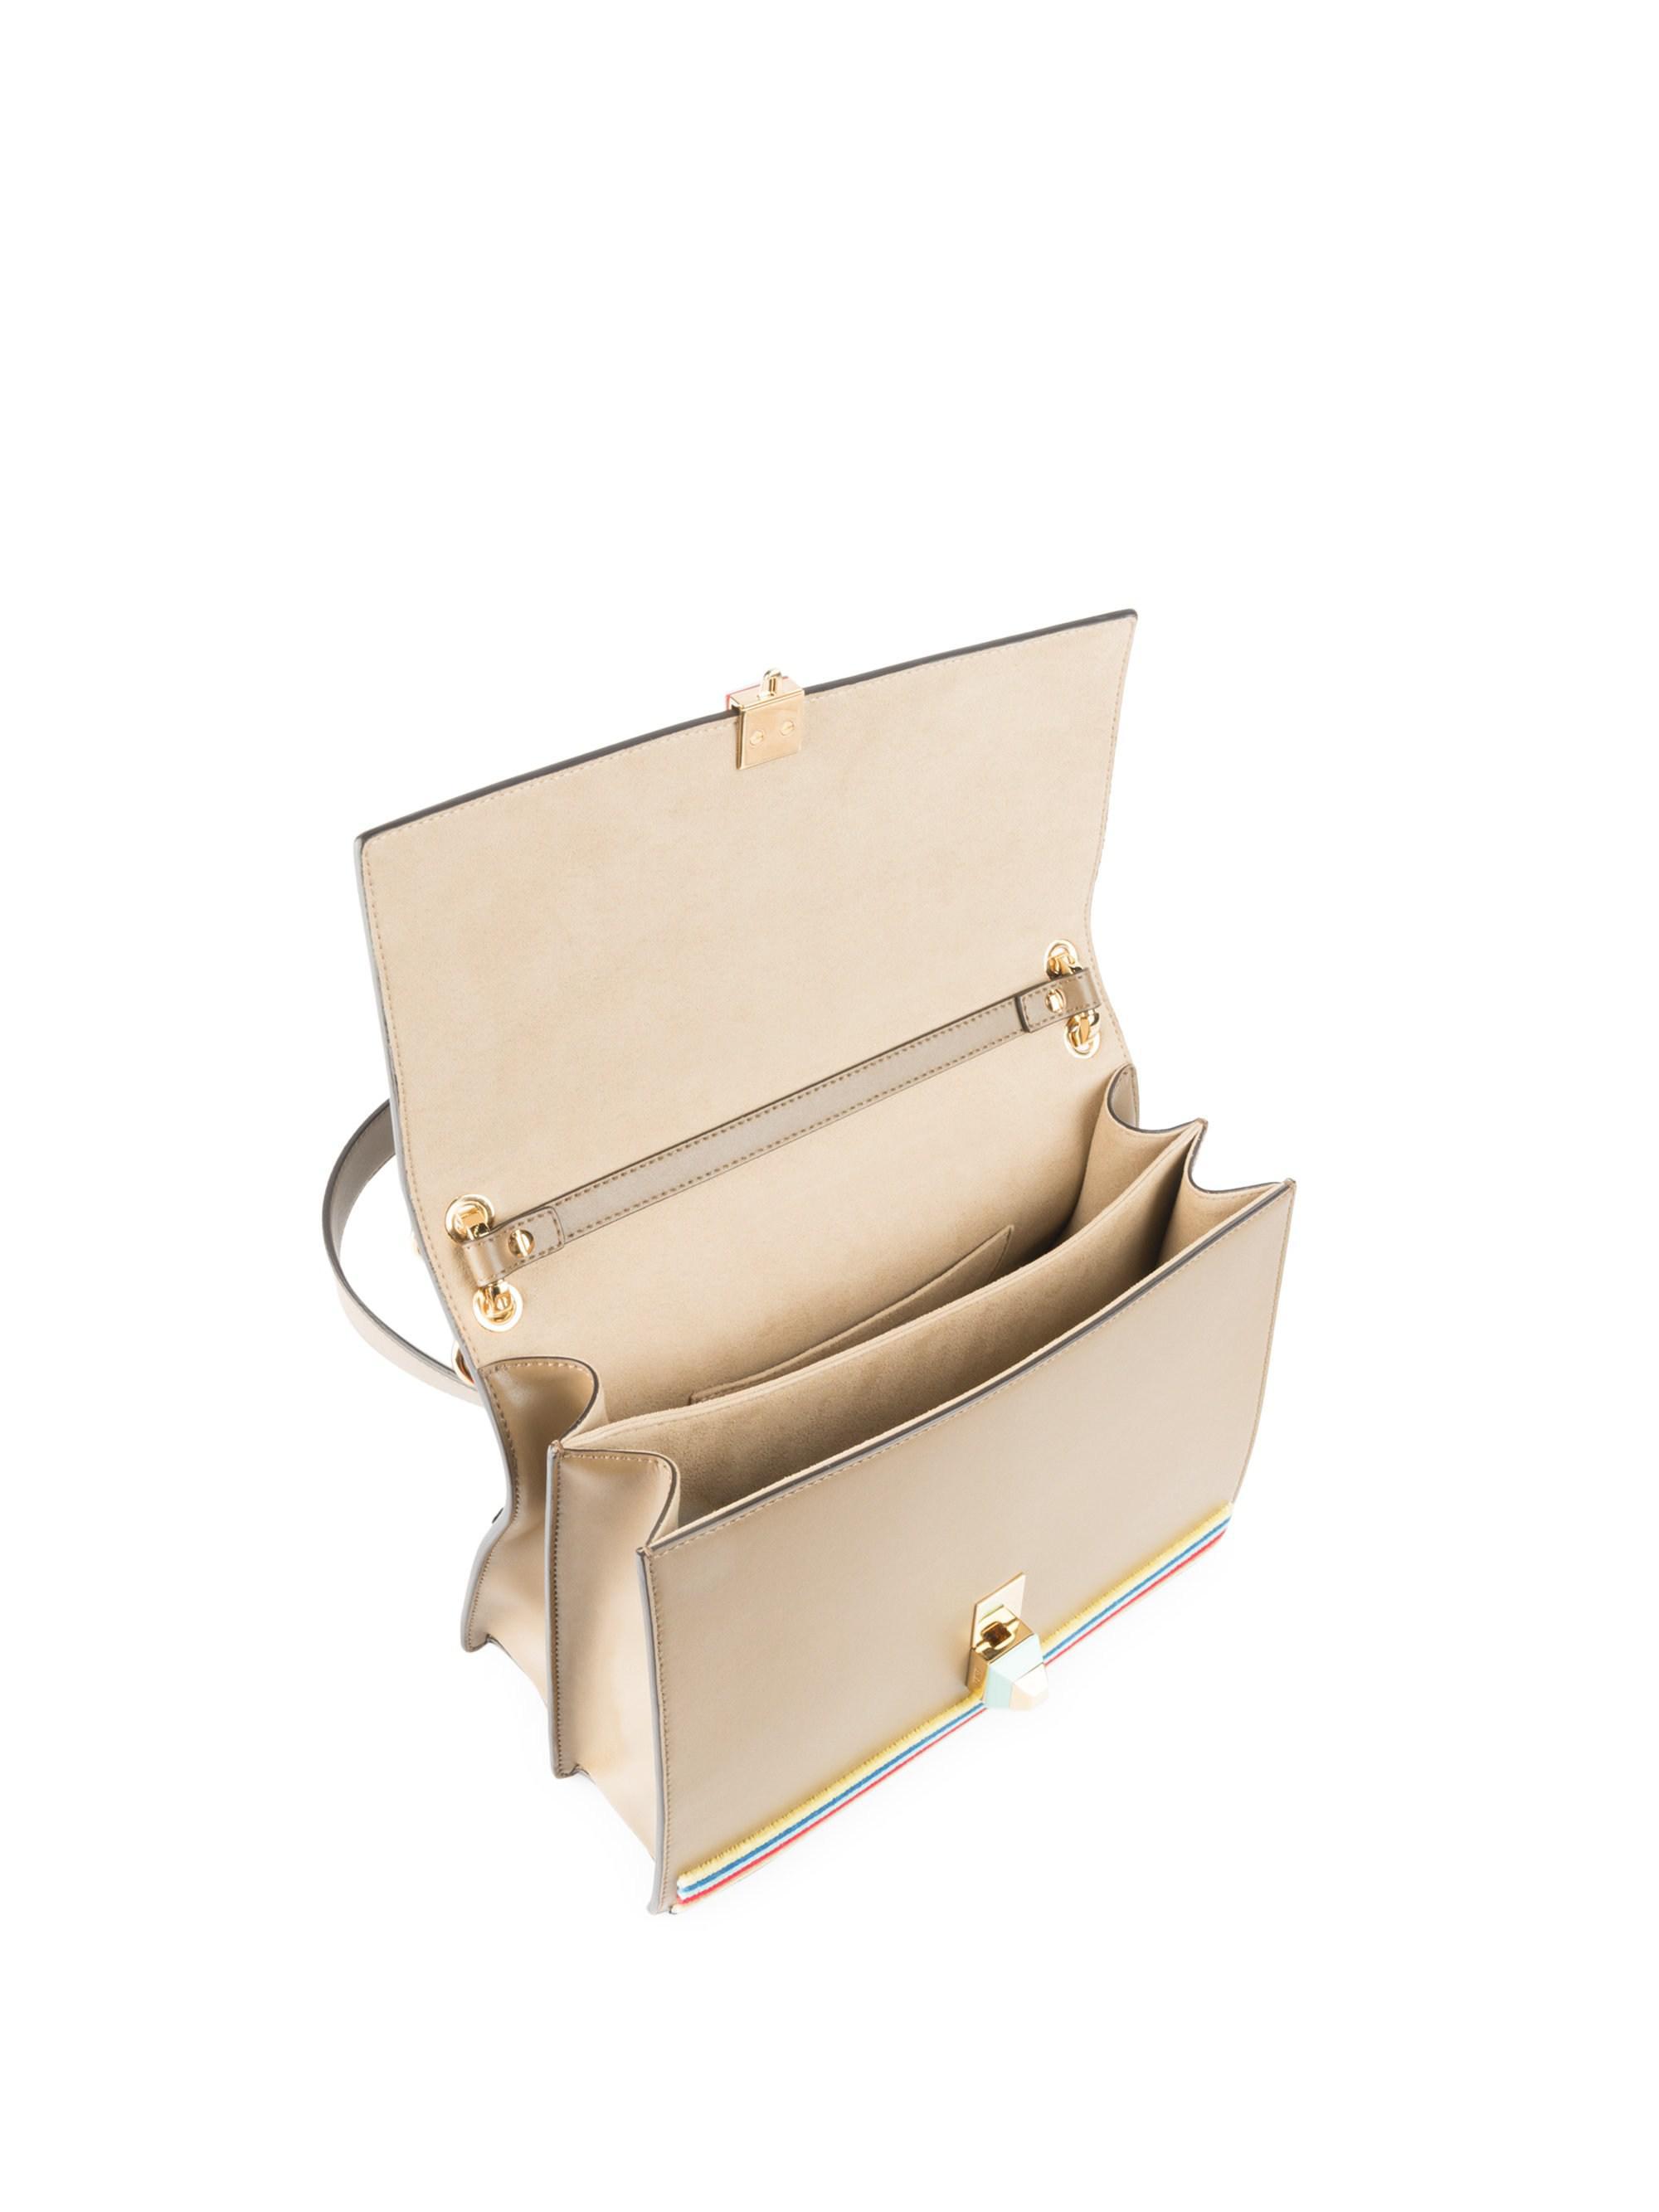 43b6025498af Fendi Tappetino Kan I Embroidered Shoulder Bag - Lyst